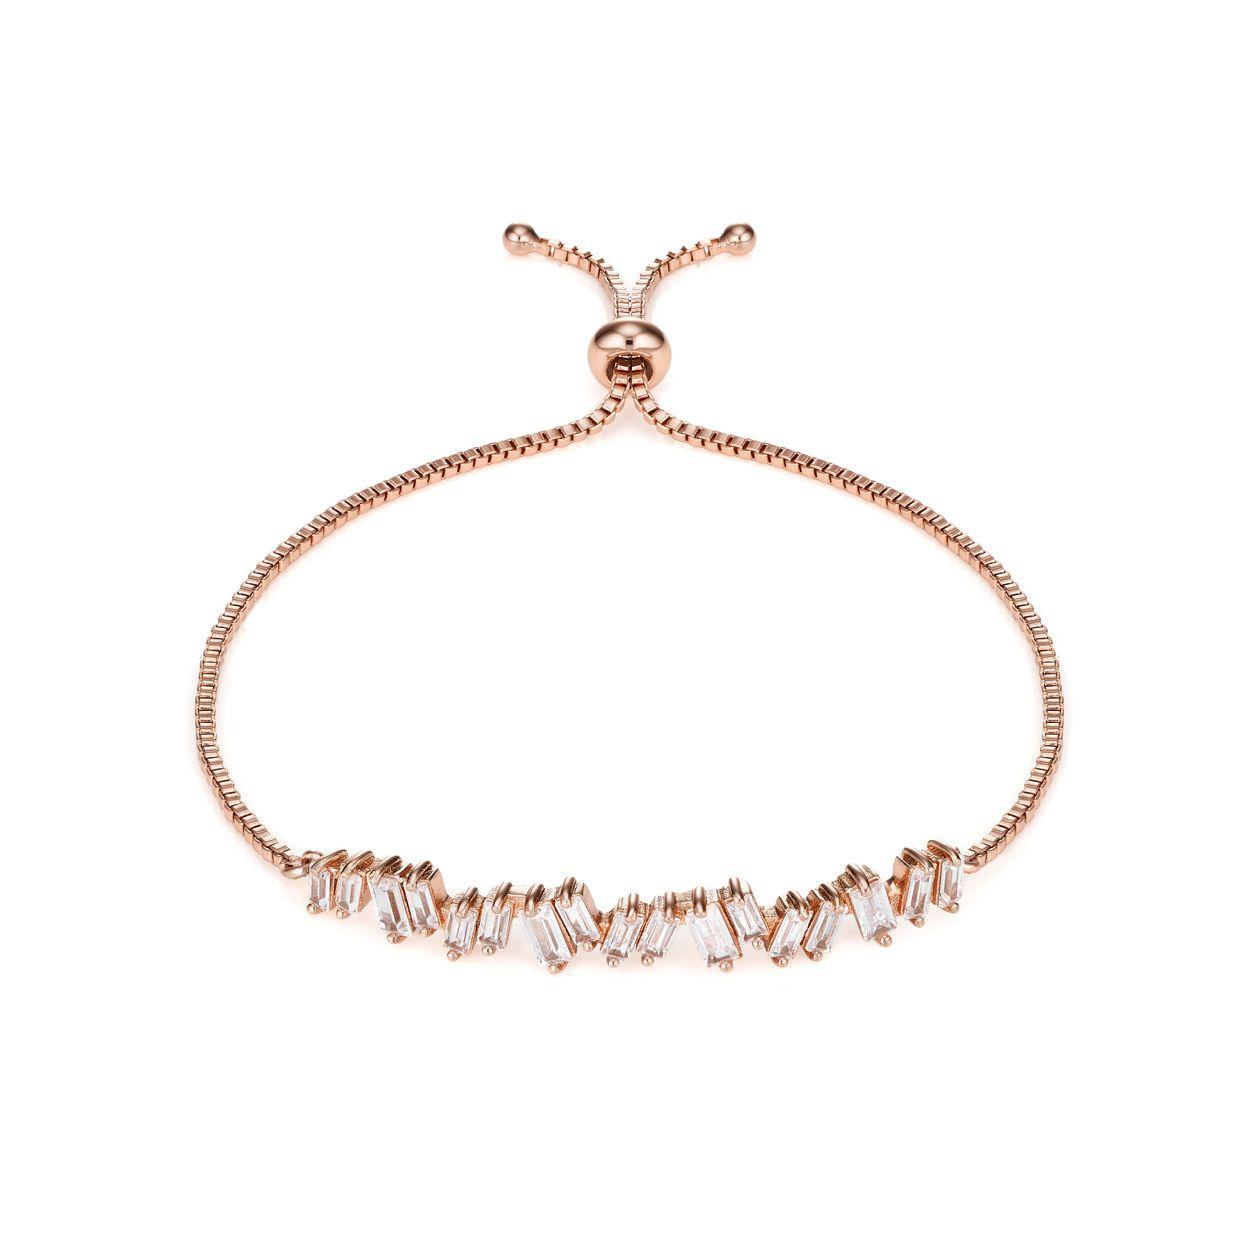 Buckley London Belgravia Friendship Bracelet